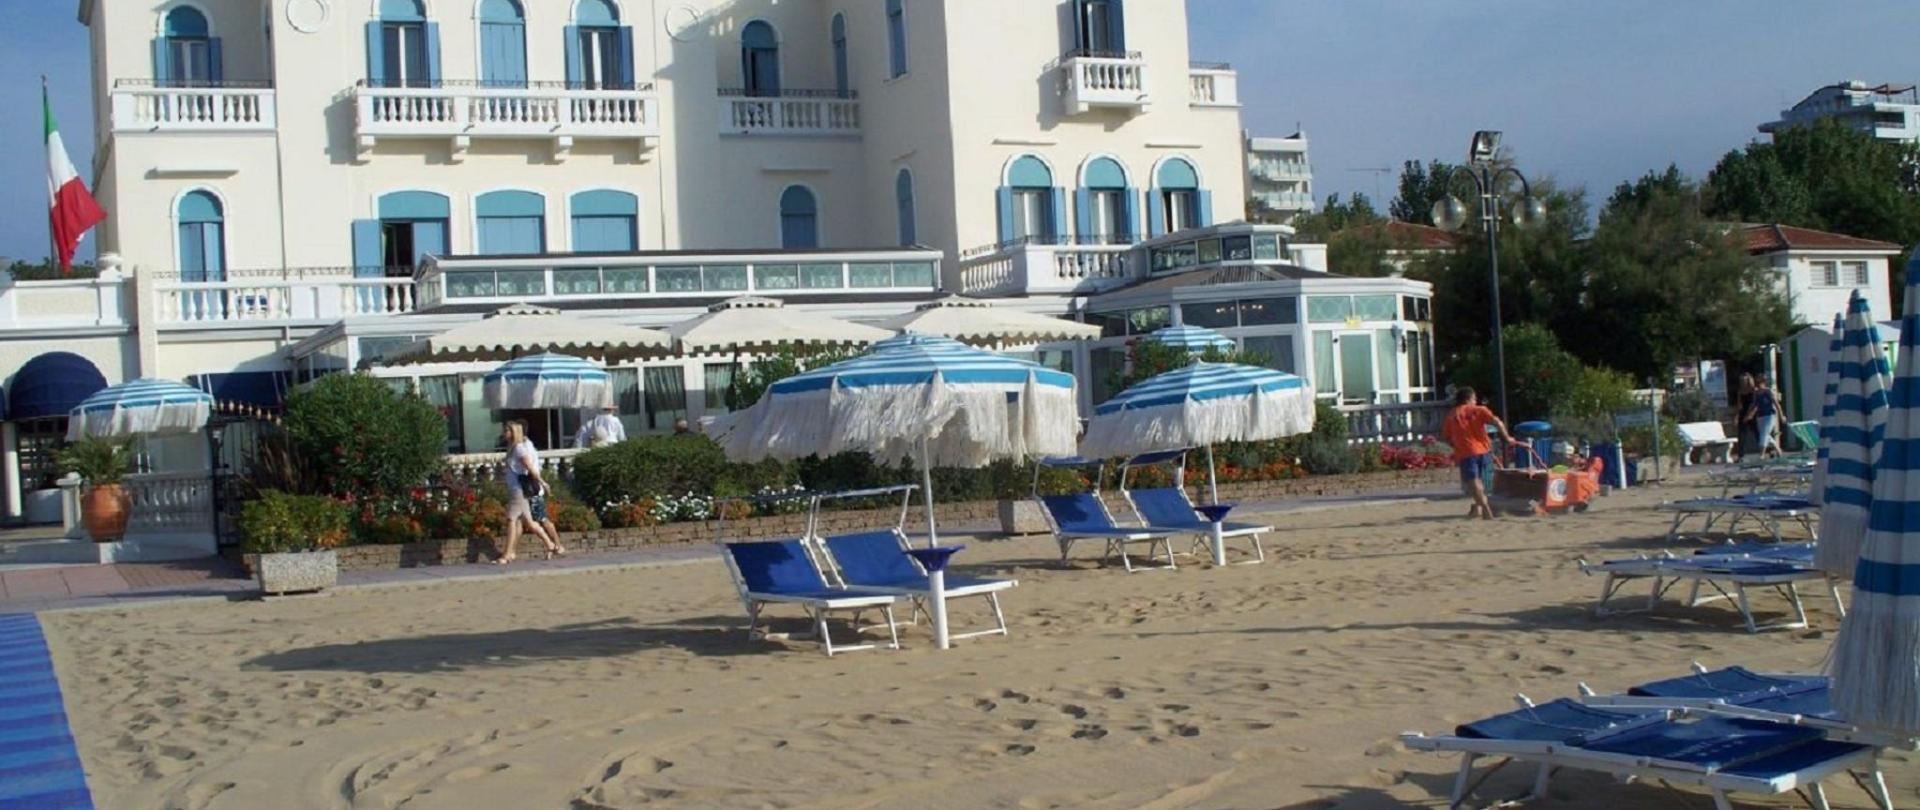 veduta dalla spiaggia.jpg